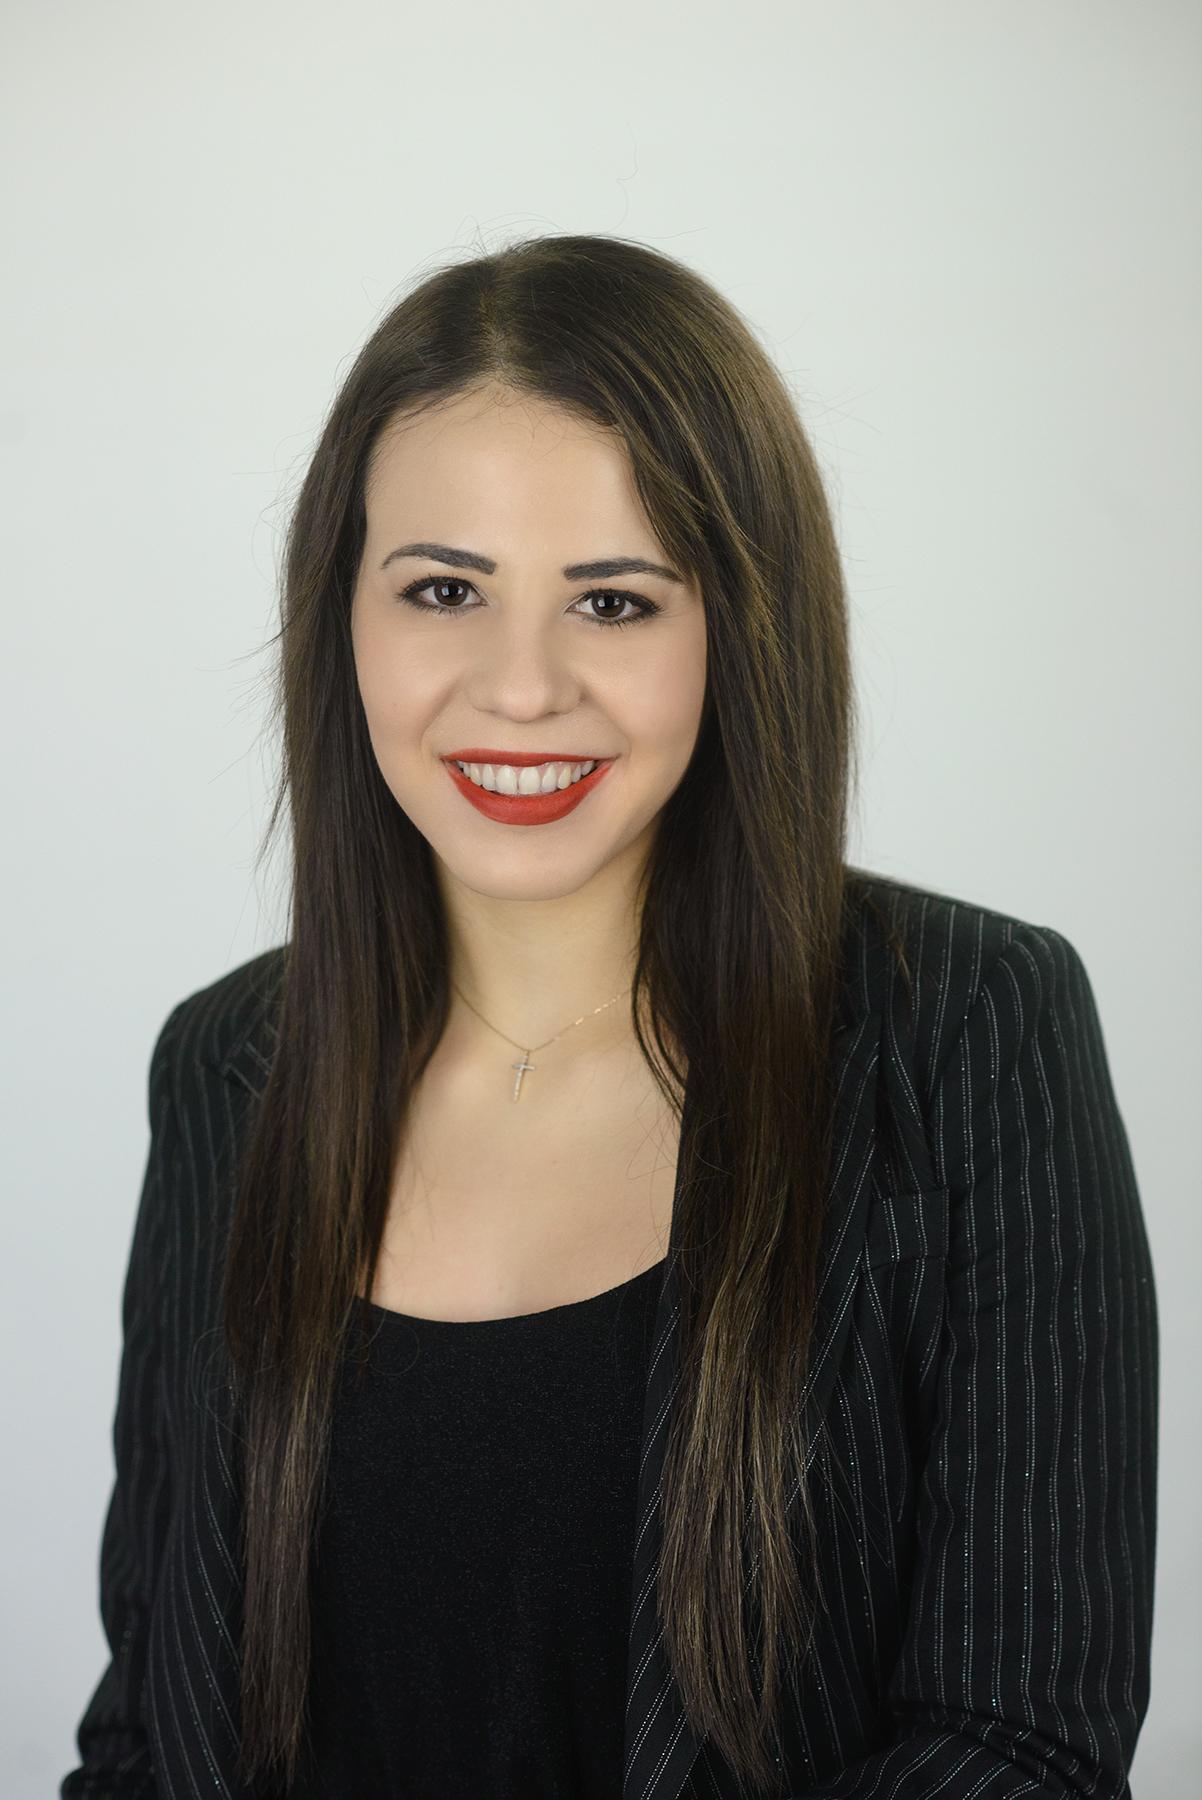 https://globalacademyofcoaching.com/wp-content/uploads/2021/09/Stephanie-Georgiou-1.jpg